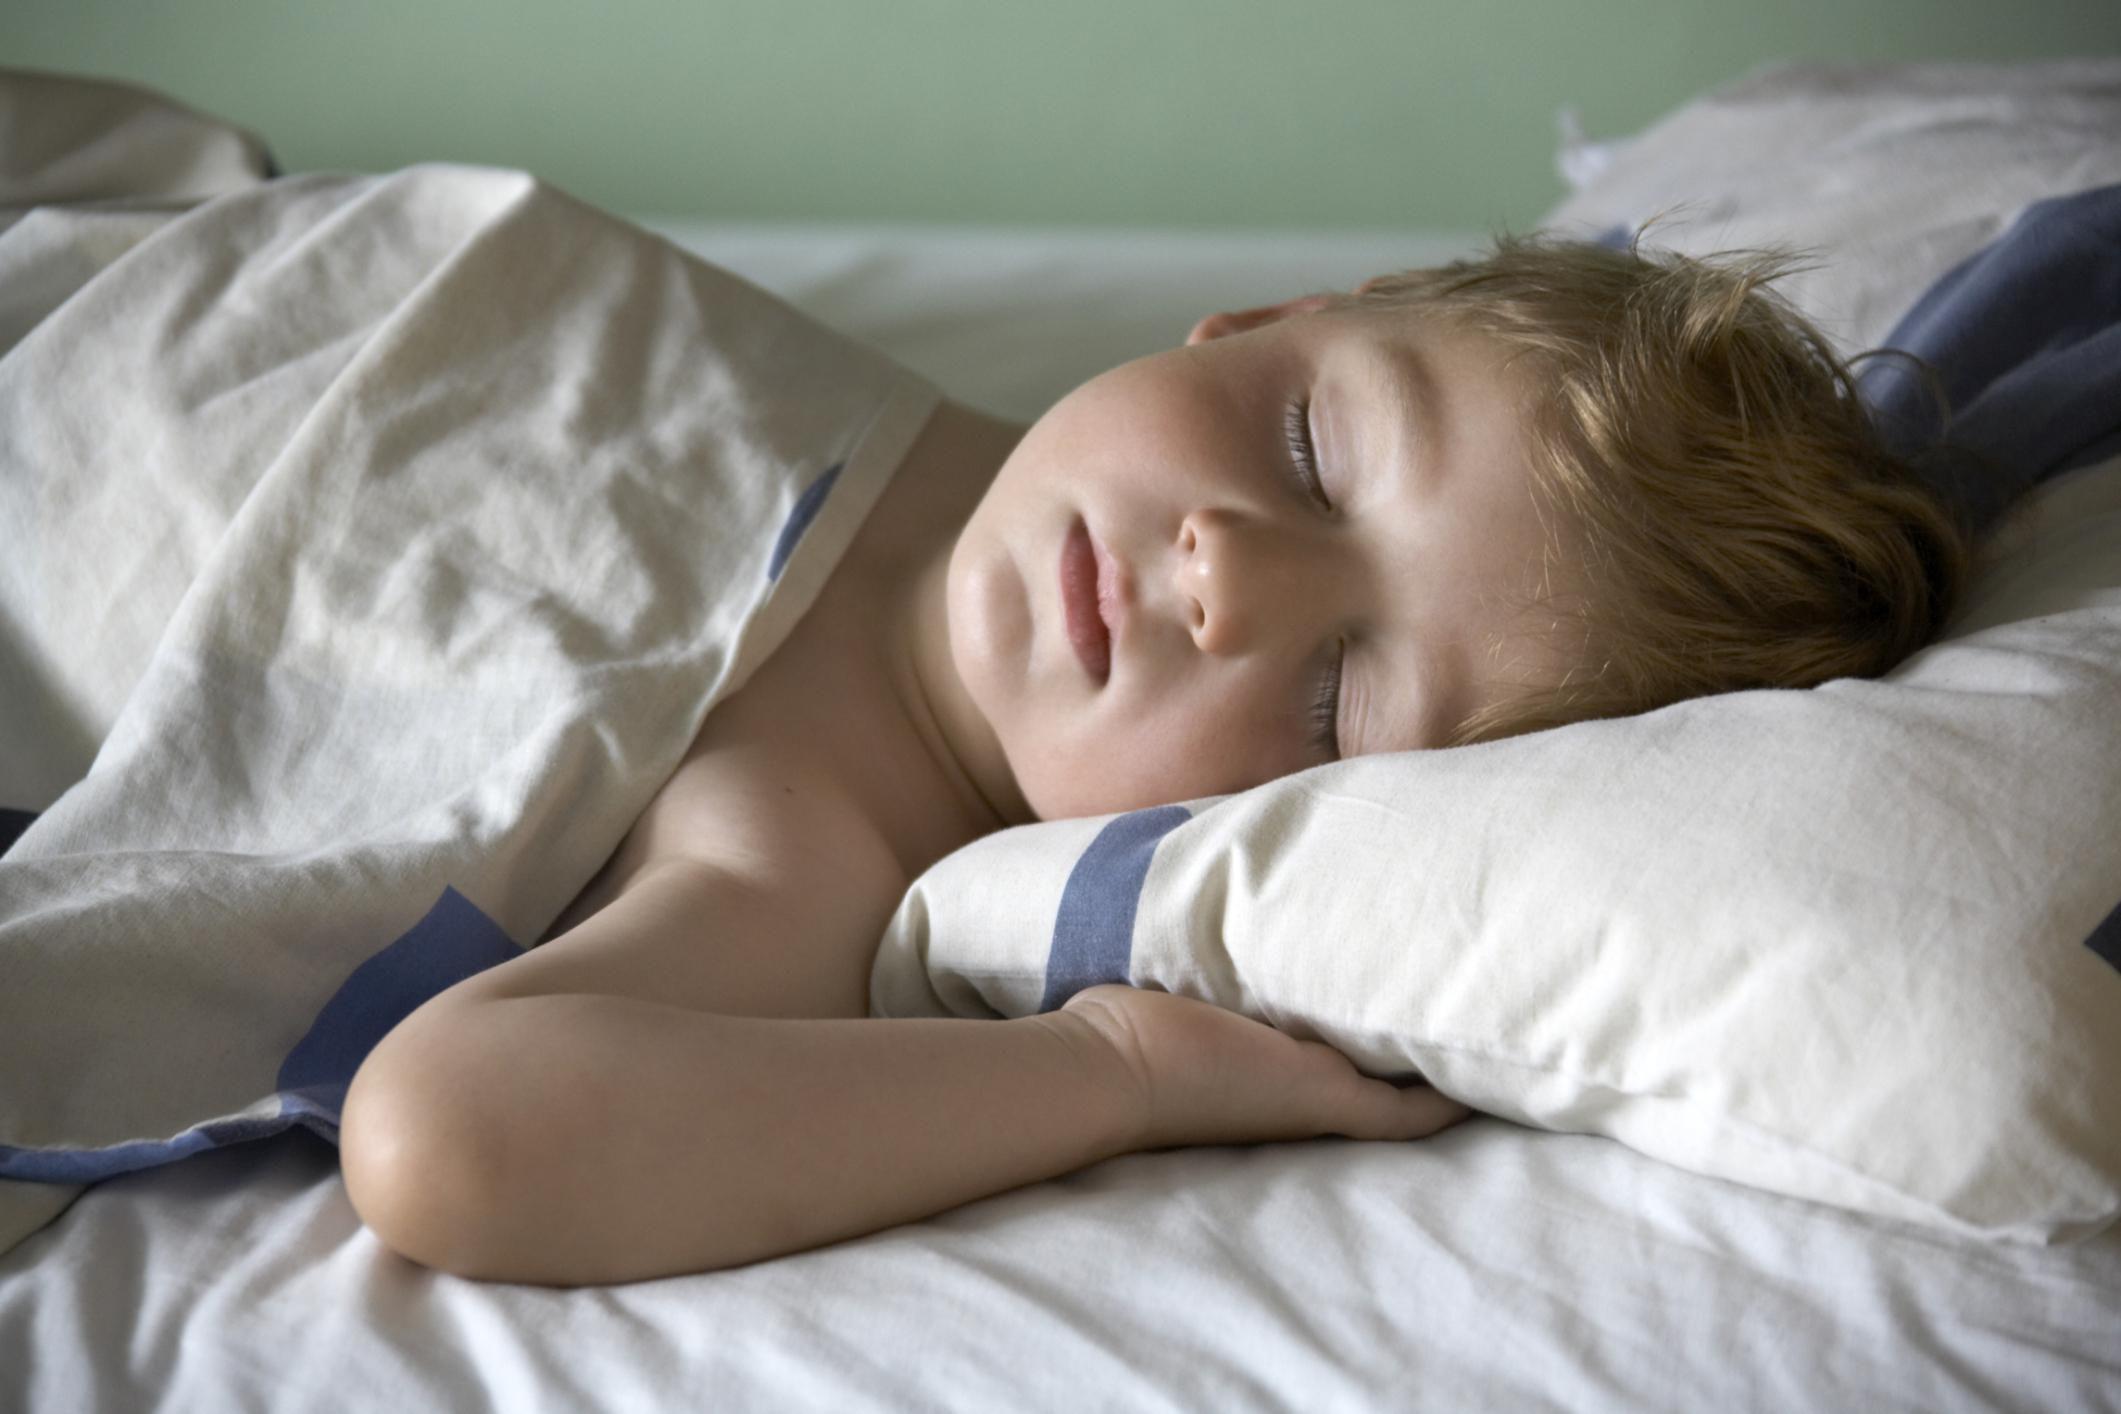 Ребенок страдает неконтролируемым мочеиспусканием во сне